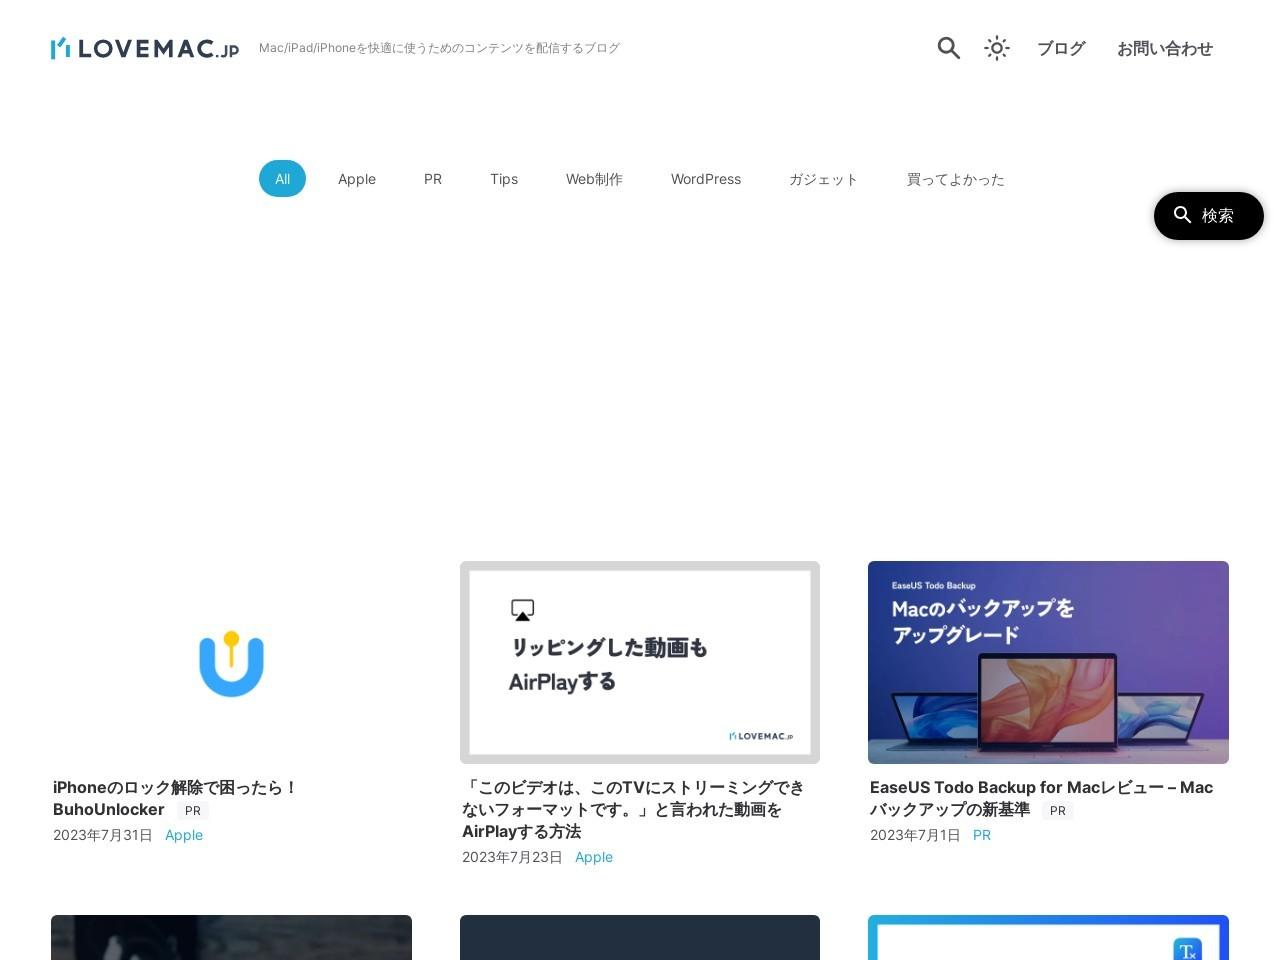 無料クラウドストレージ17+1個 Mac/iPhone/iPadでファイルを自由自在に同期・共有! | loveMac.jp